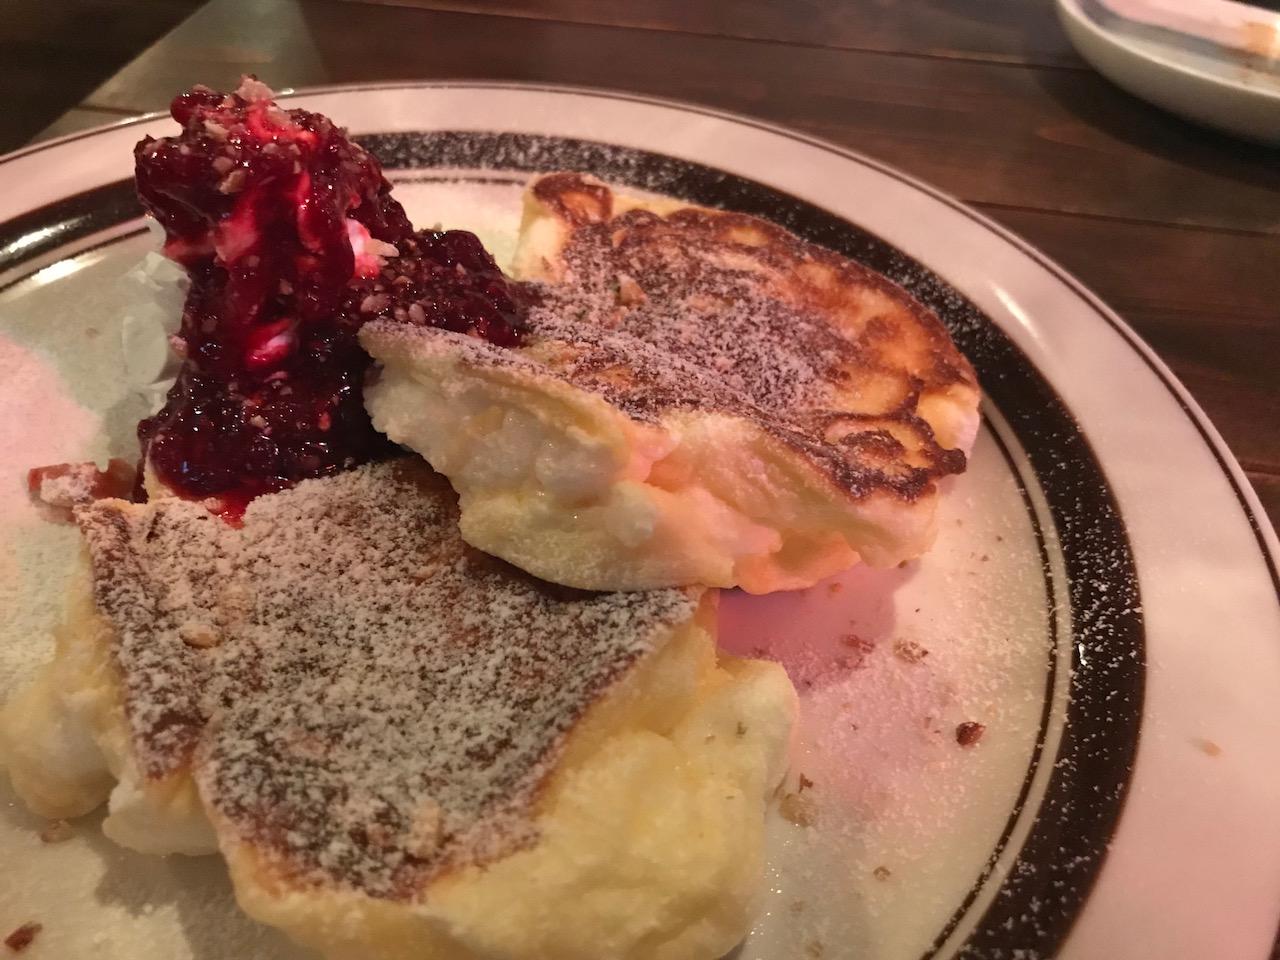 リピート確定!姫路駅前のバー「アヴィニョン(Avignon)のパンケーキがバリクソ美味かった!